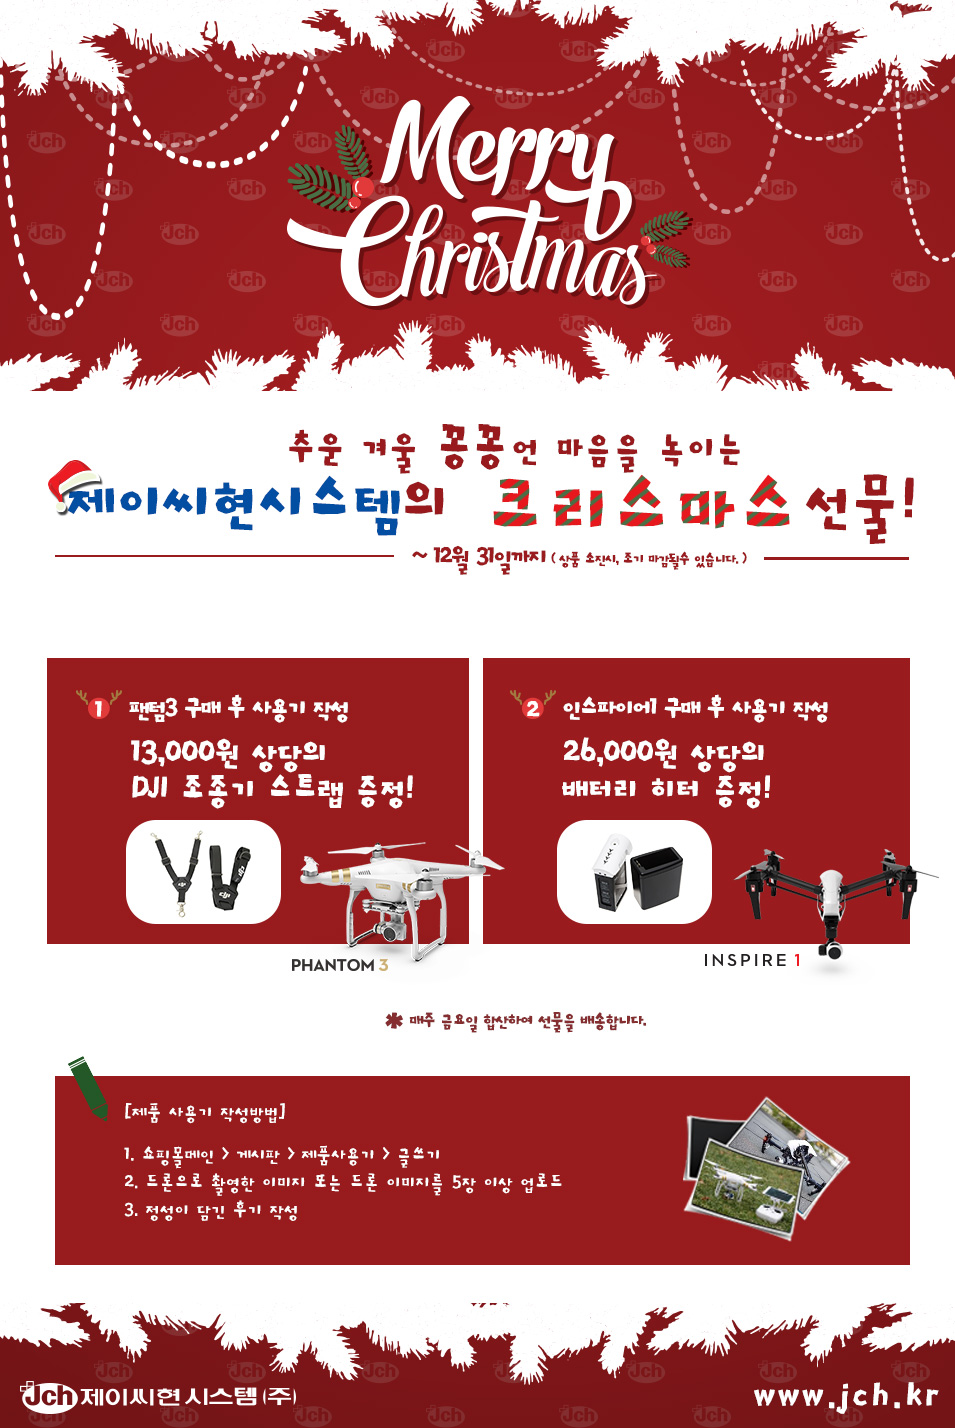 드론, 이벤트, 제이씨현시스템, DJI,크리스마스